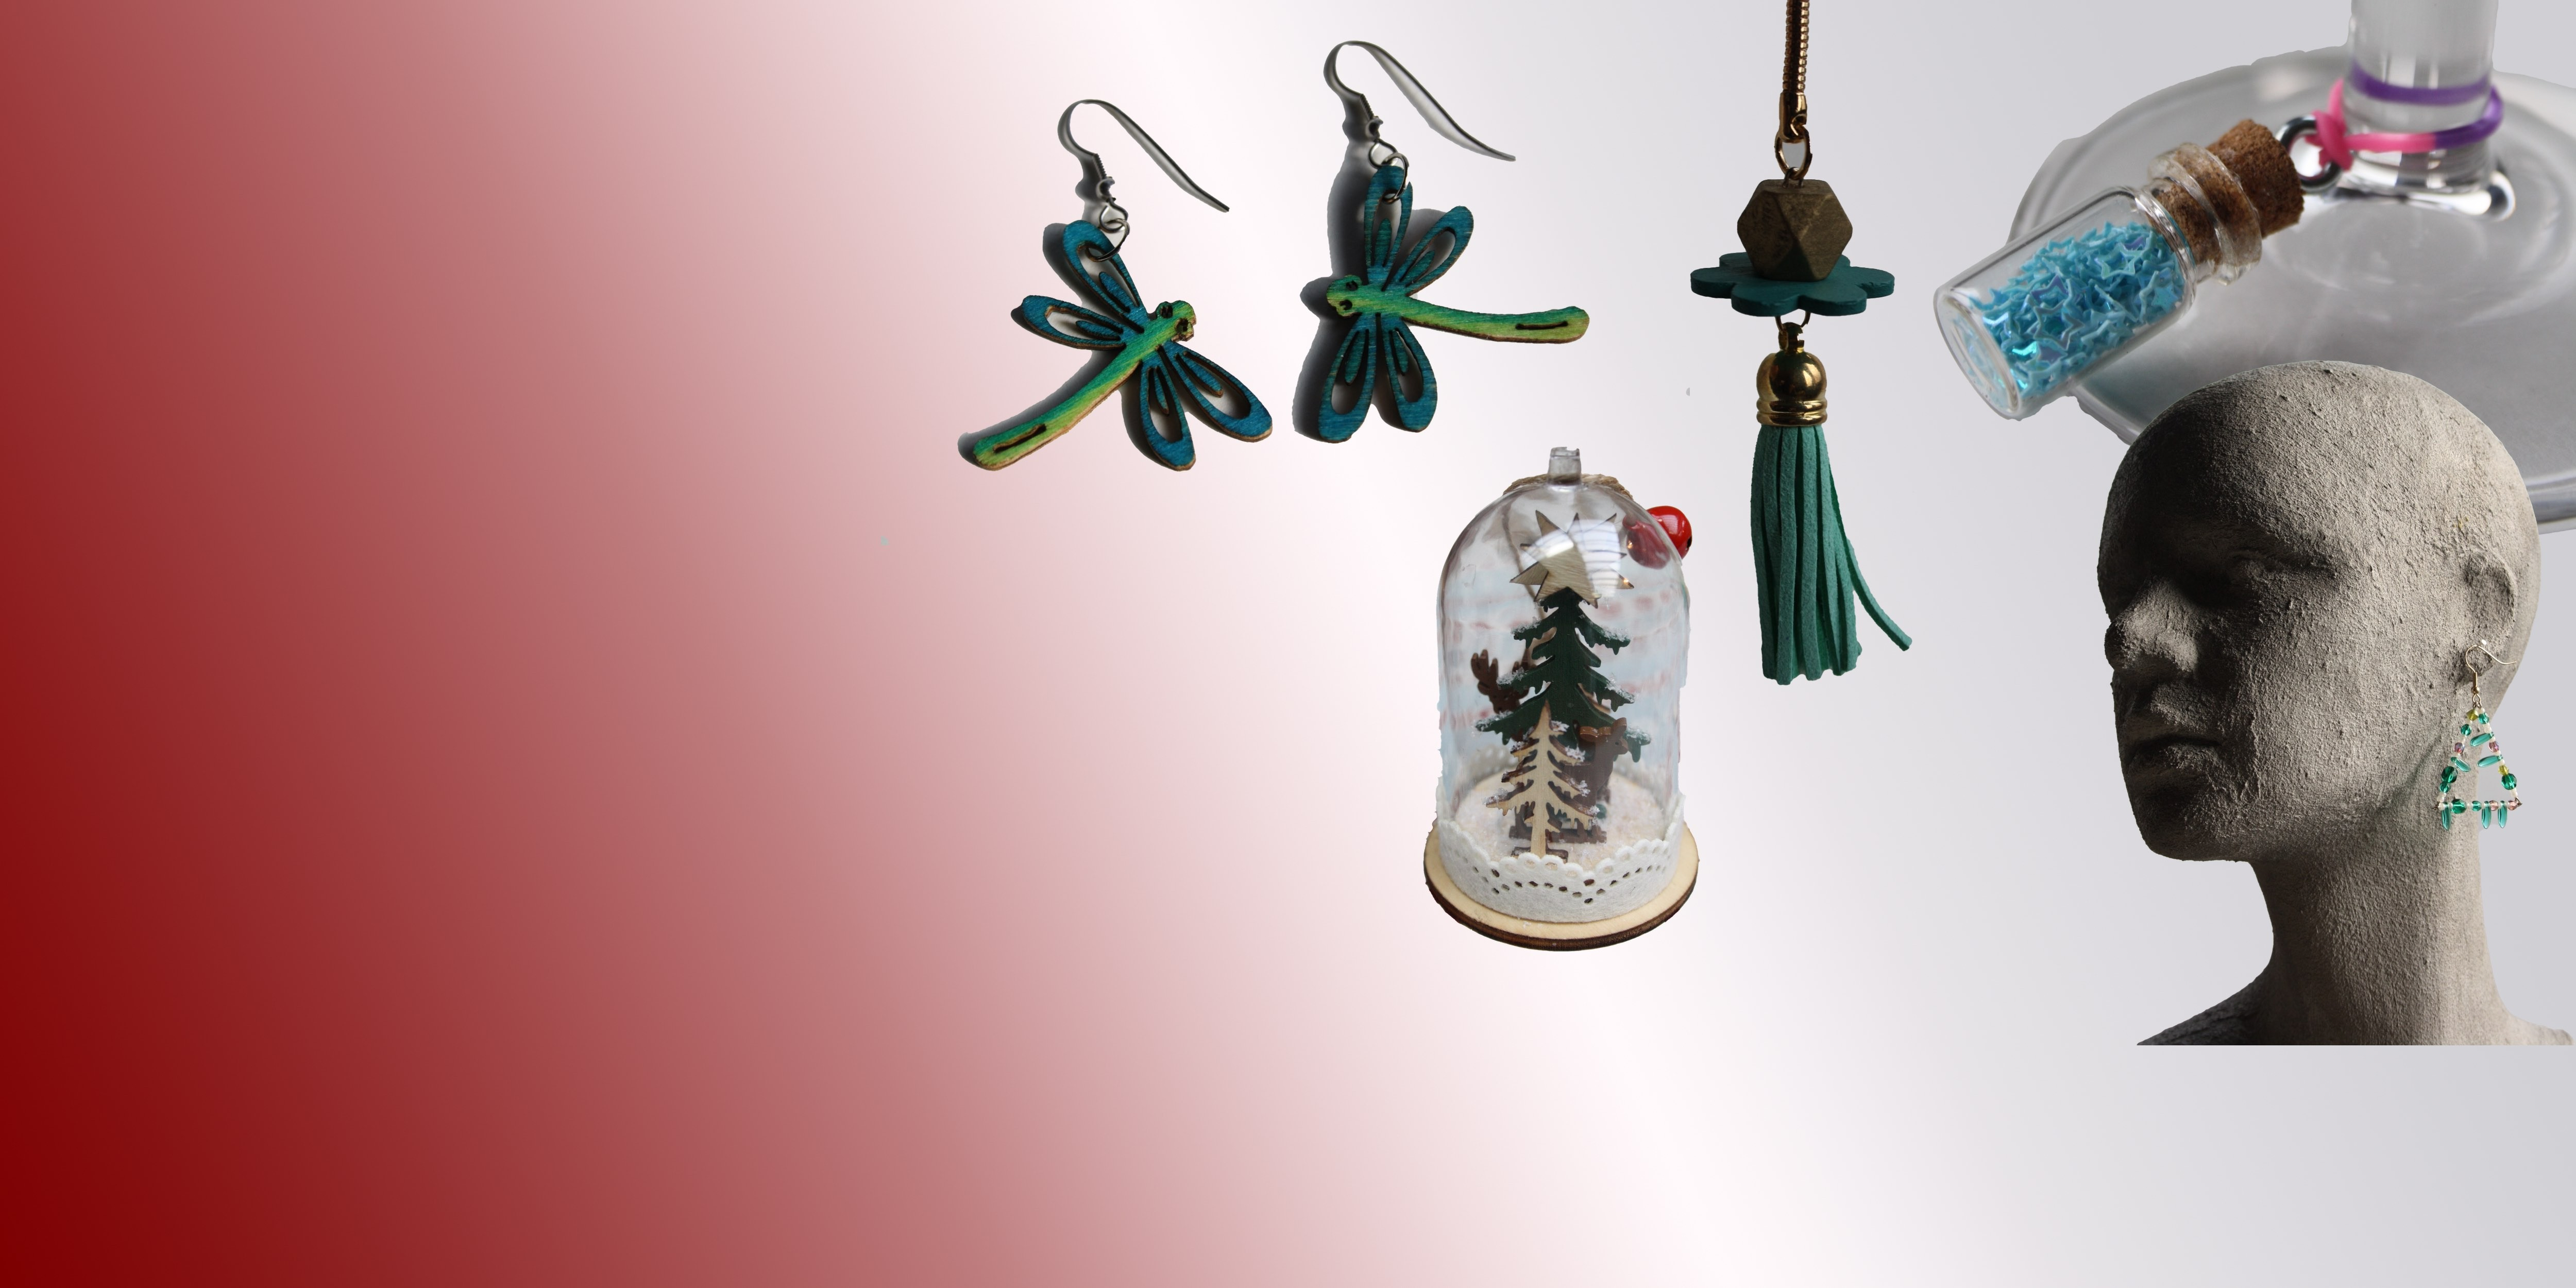 Découvrez les créations de nos artistes et artisans Belges.  Bijoux, objets de décoration, dessins, ...